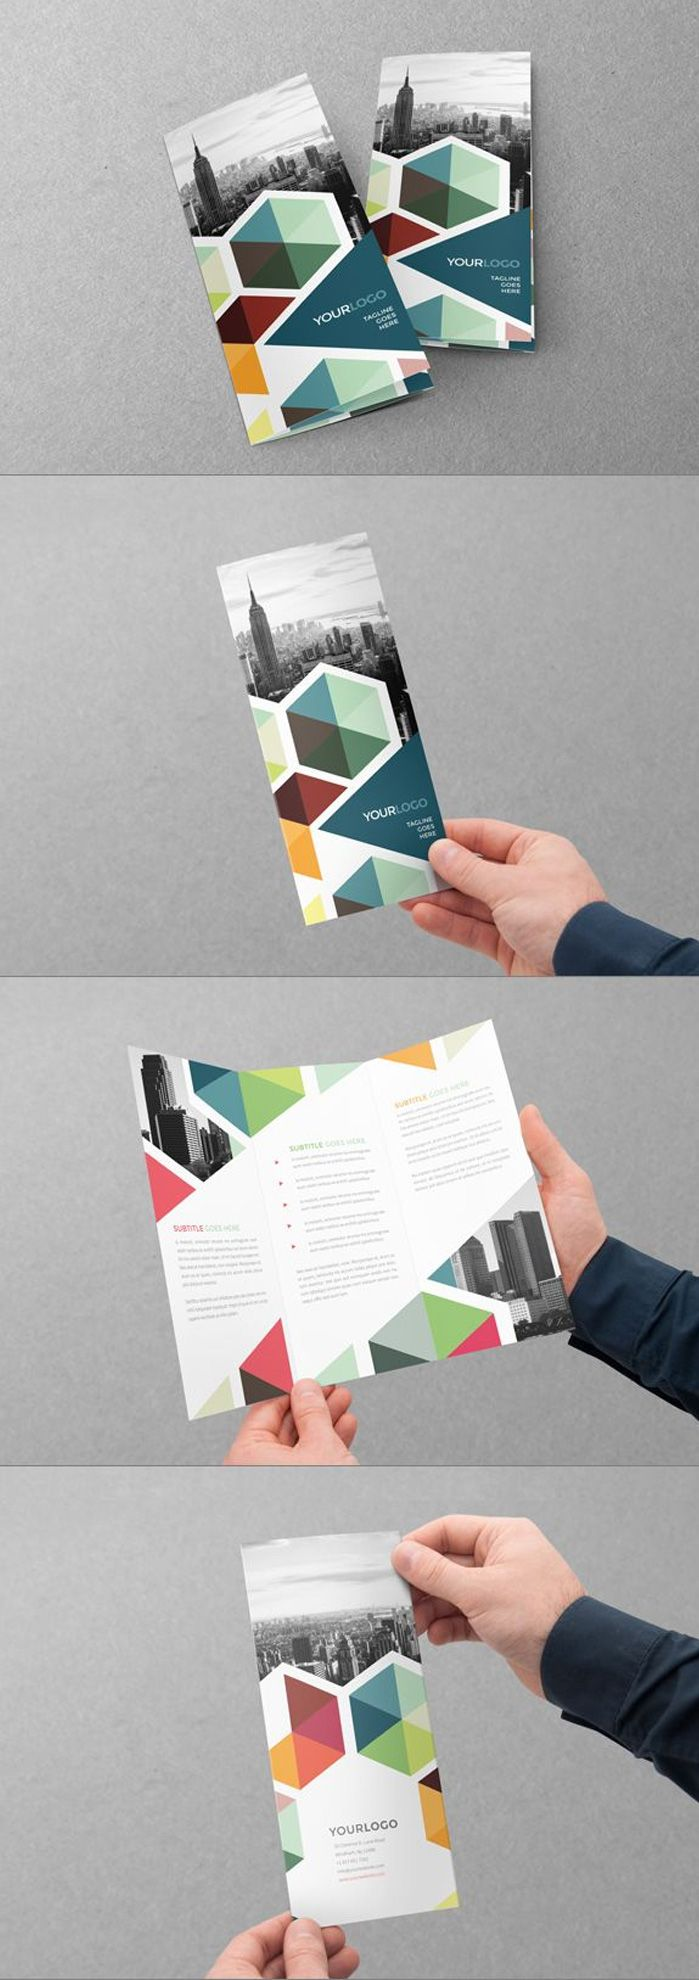 Creativos diseños de brochure para inspiración.                                                                                                                                                                                 Más